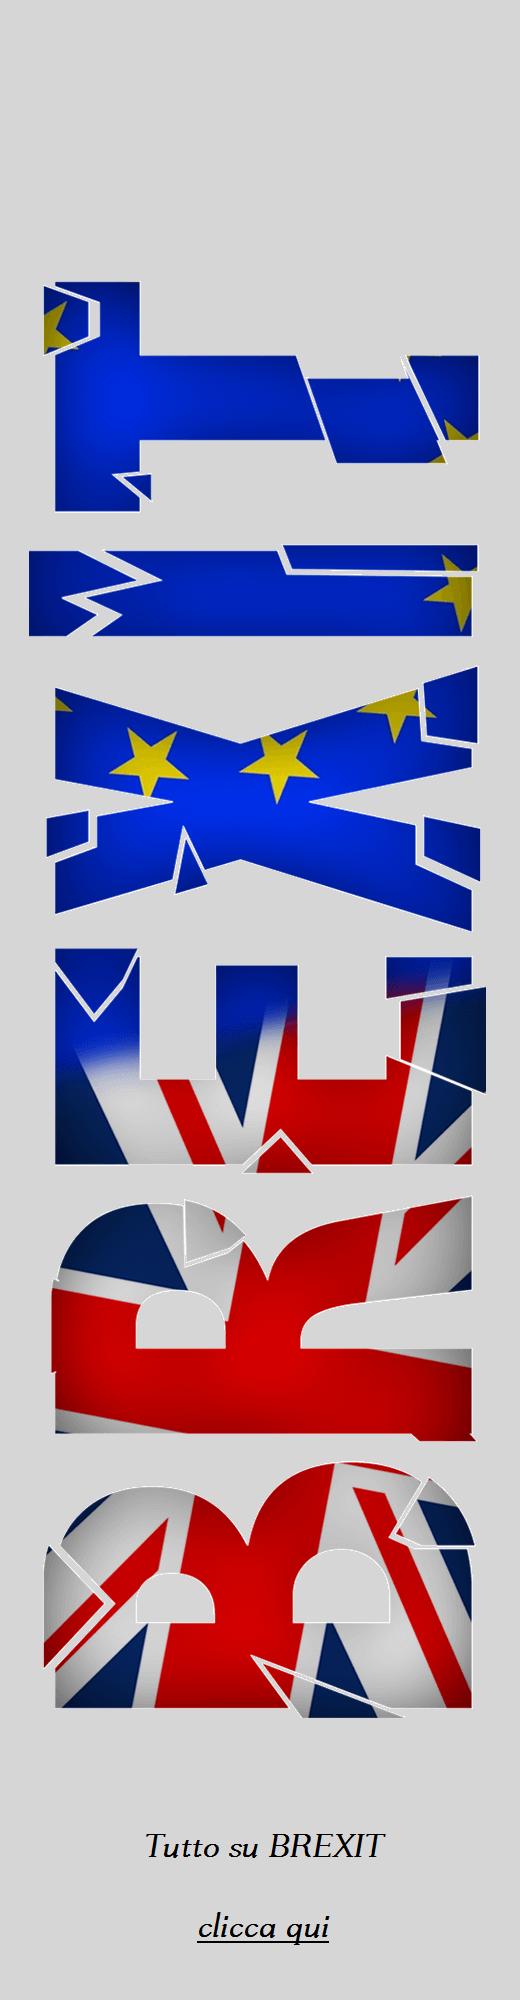 tutto su economia e brexit